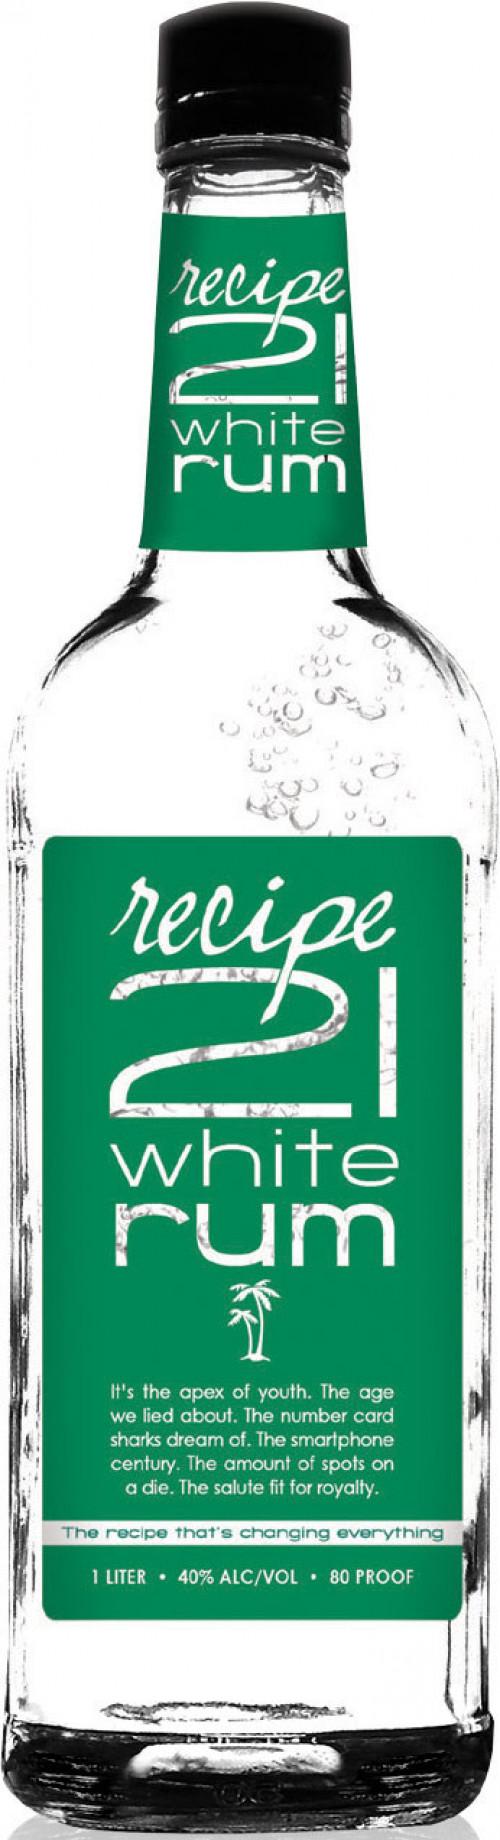 Recipe 21 White Rum 1L